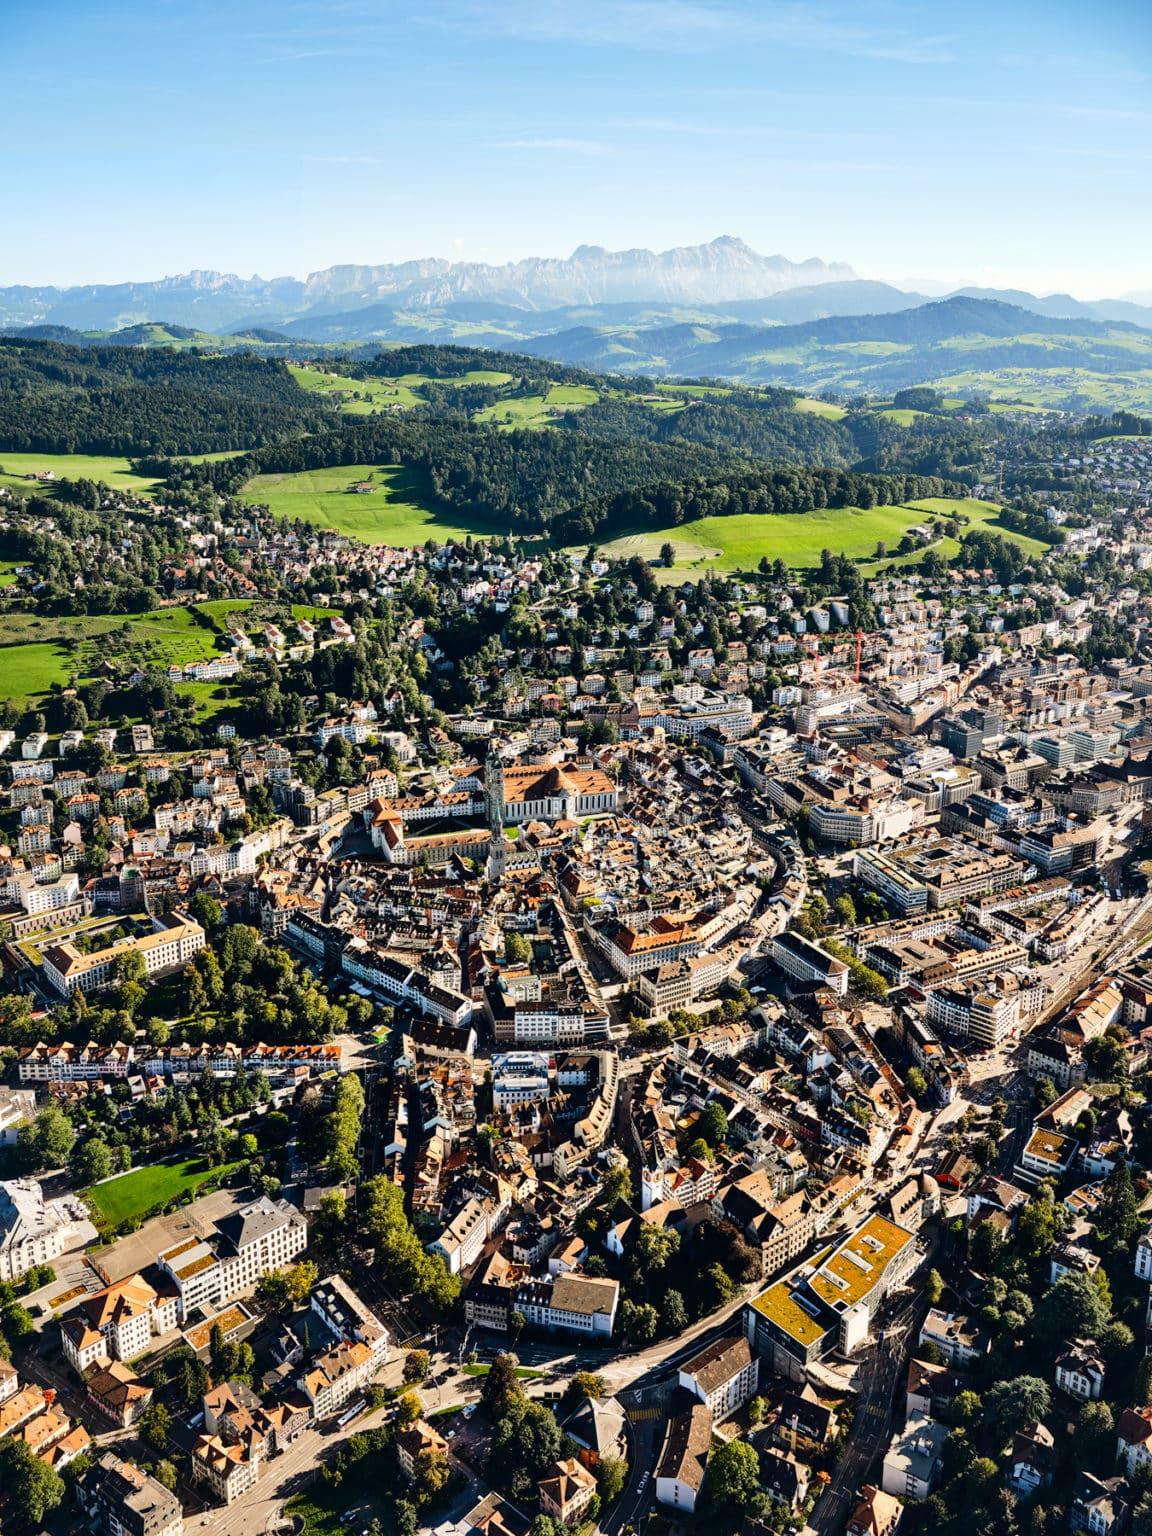 Luftaufnahme Stadt St. Gallen mit Kloster St. Katharina und dem Säntis